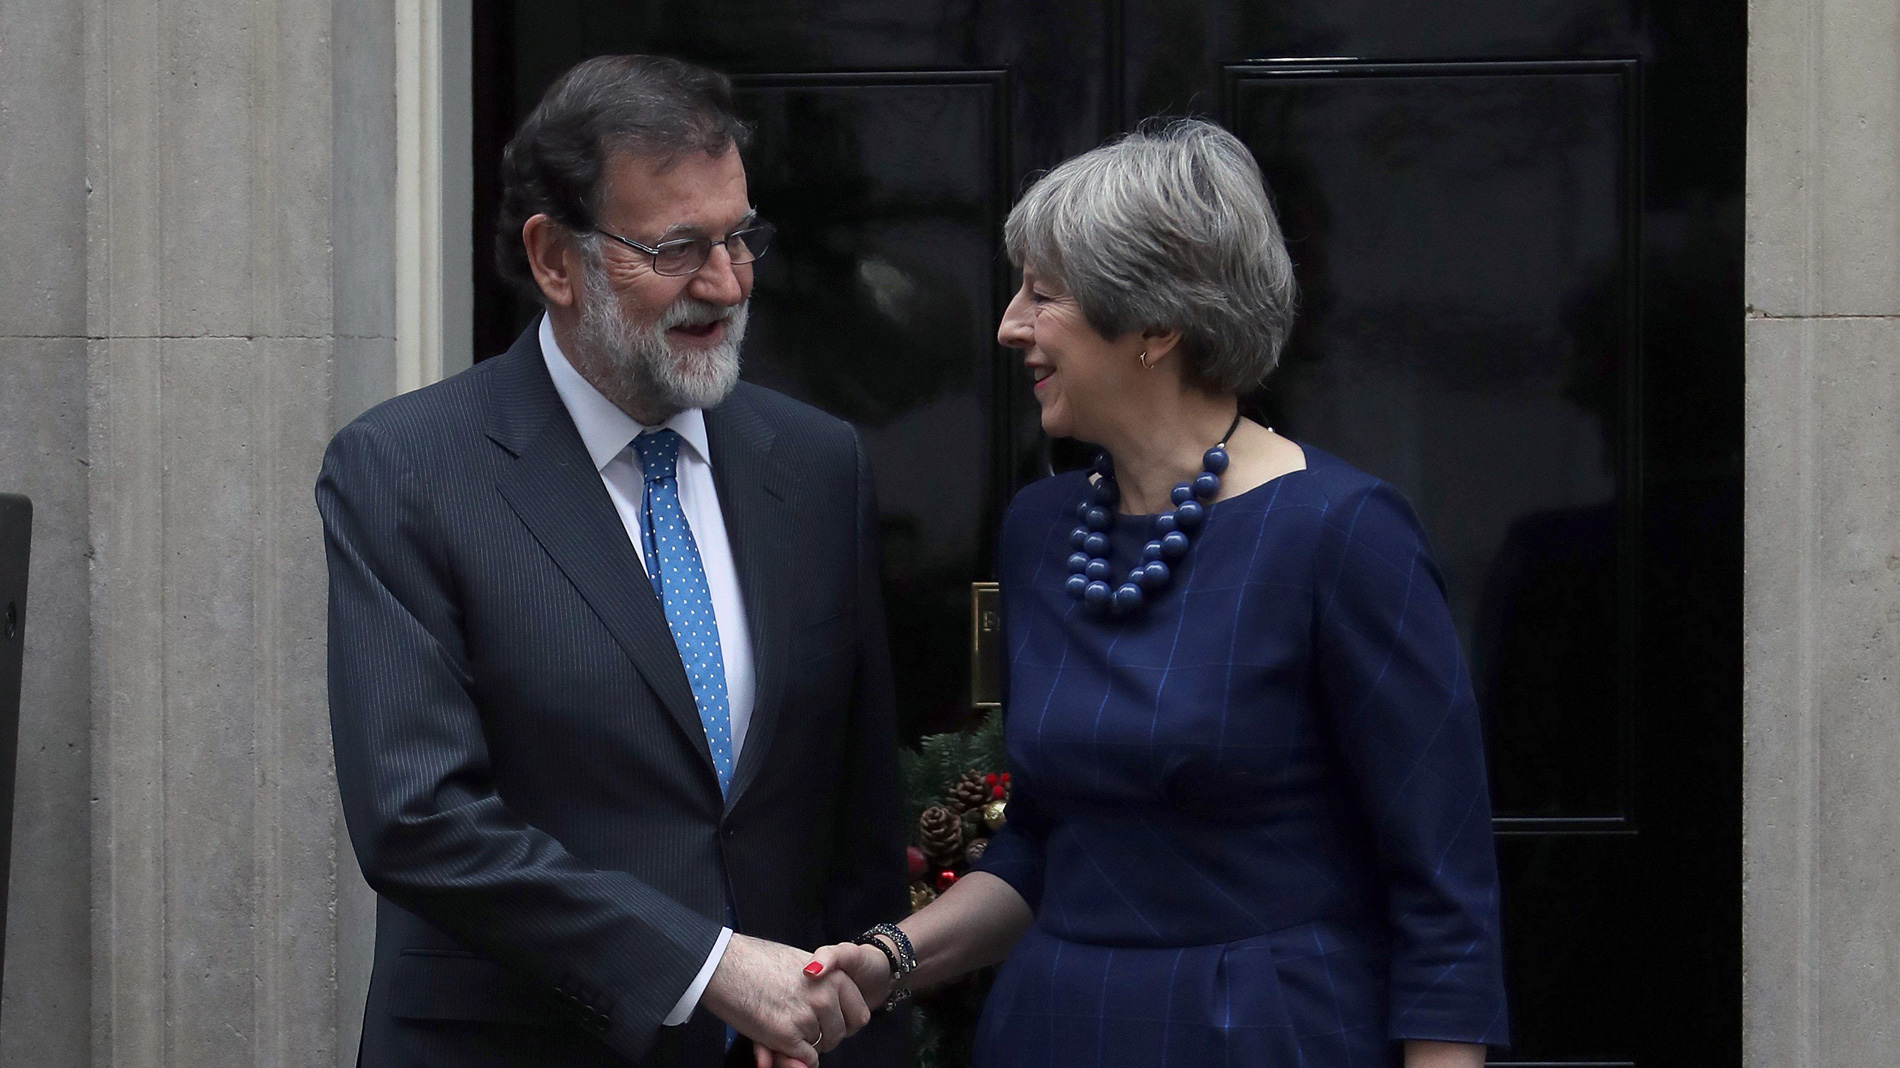 May ratifica a Rajoy su apoyo al Estado de Derecho ante la situación en Cataluña